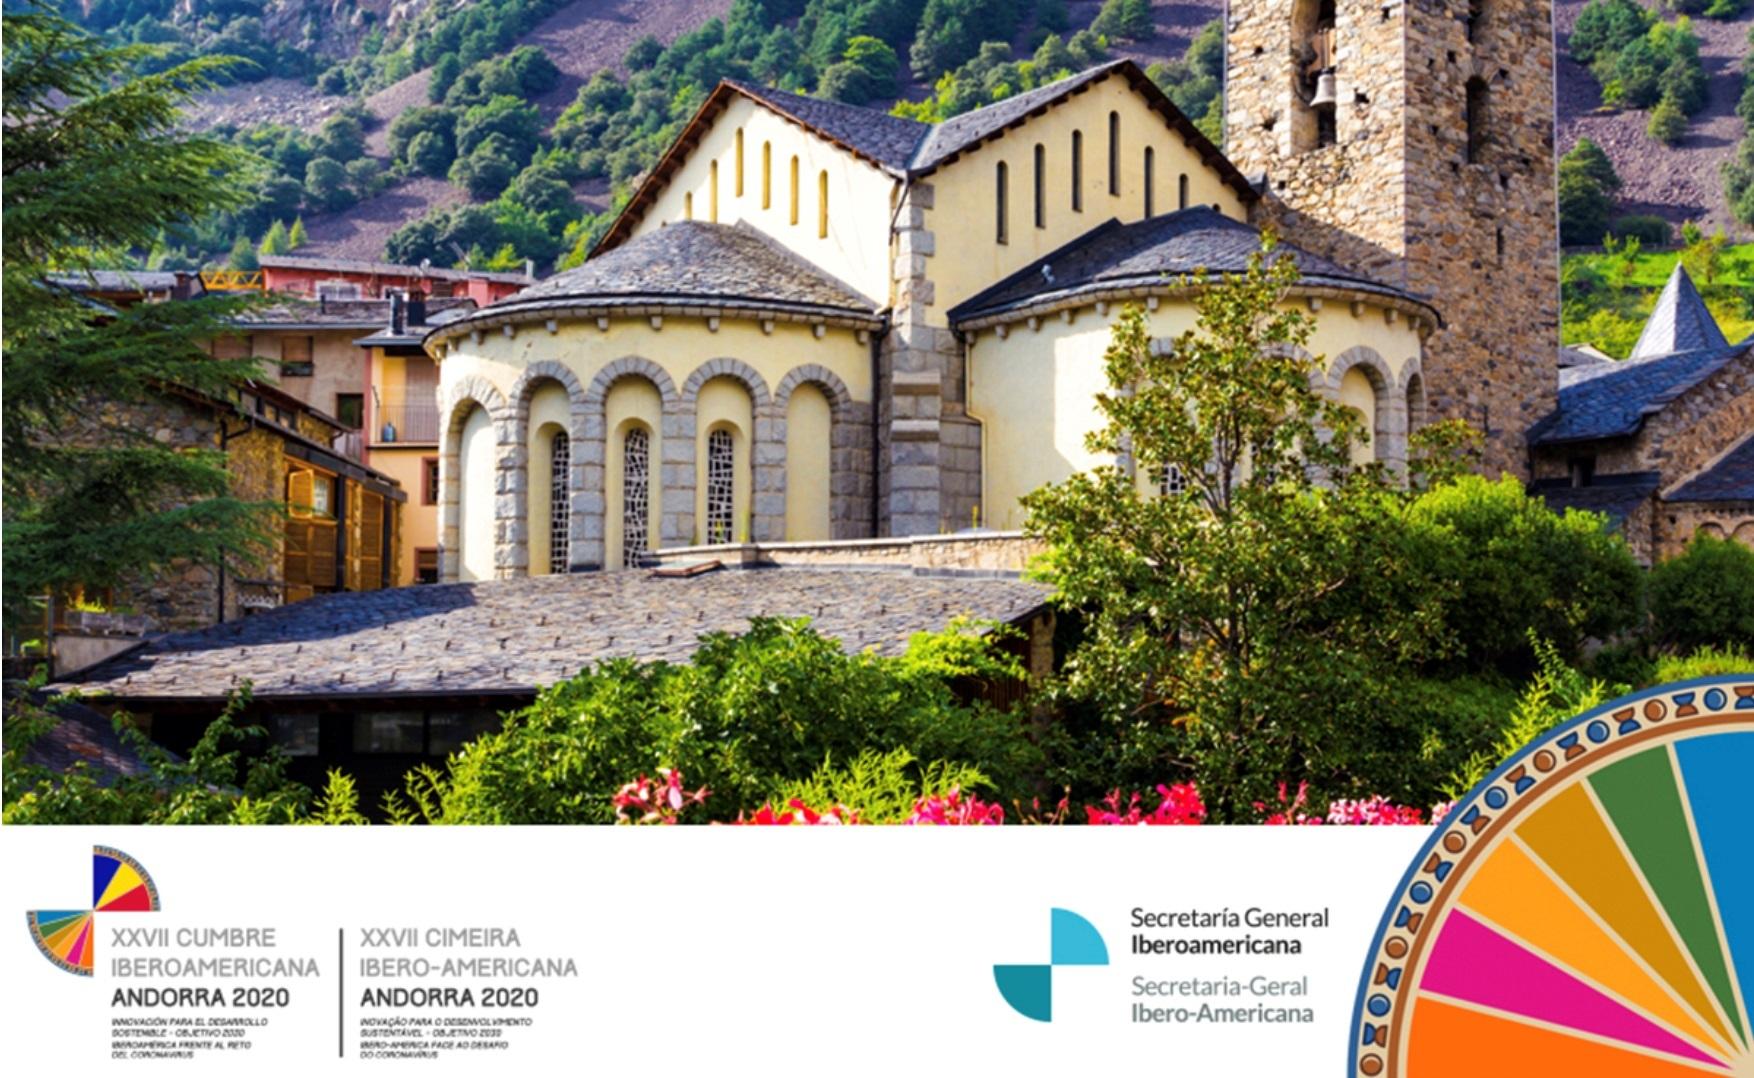 La XXVII Cumbre Iberoamericana de Jefes de Estado y de Gobierno se celebrará el 21 de Abril de 2021